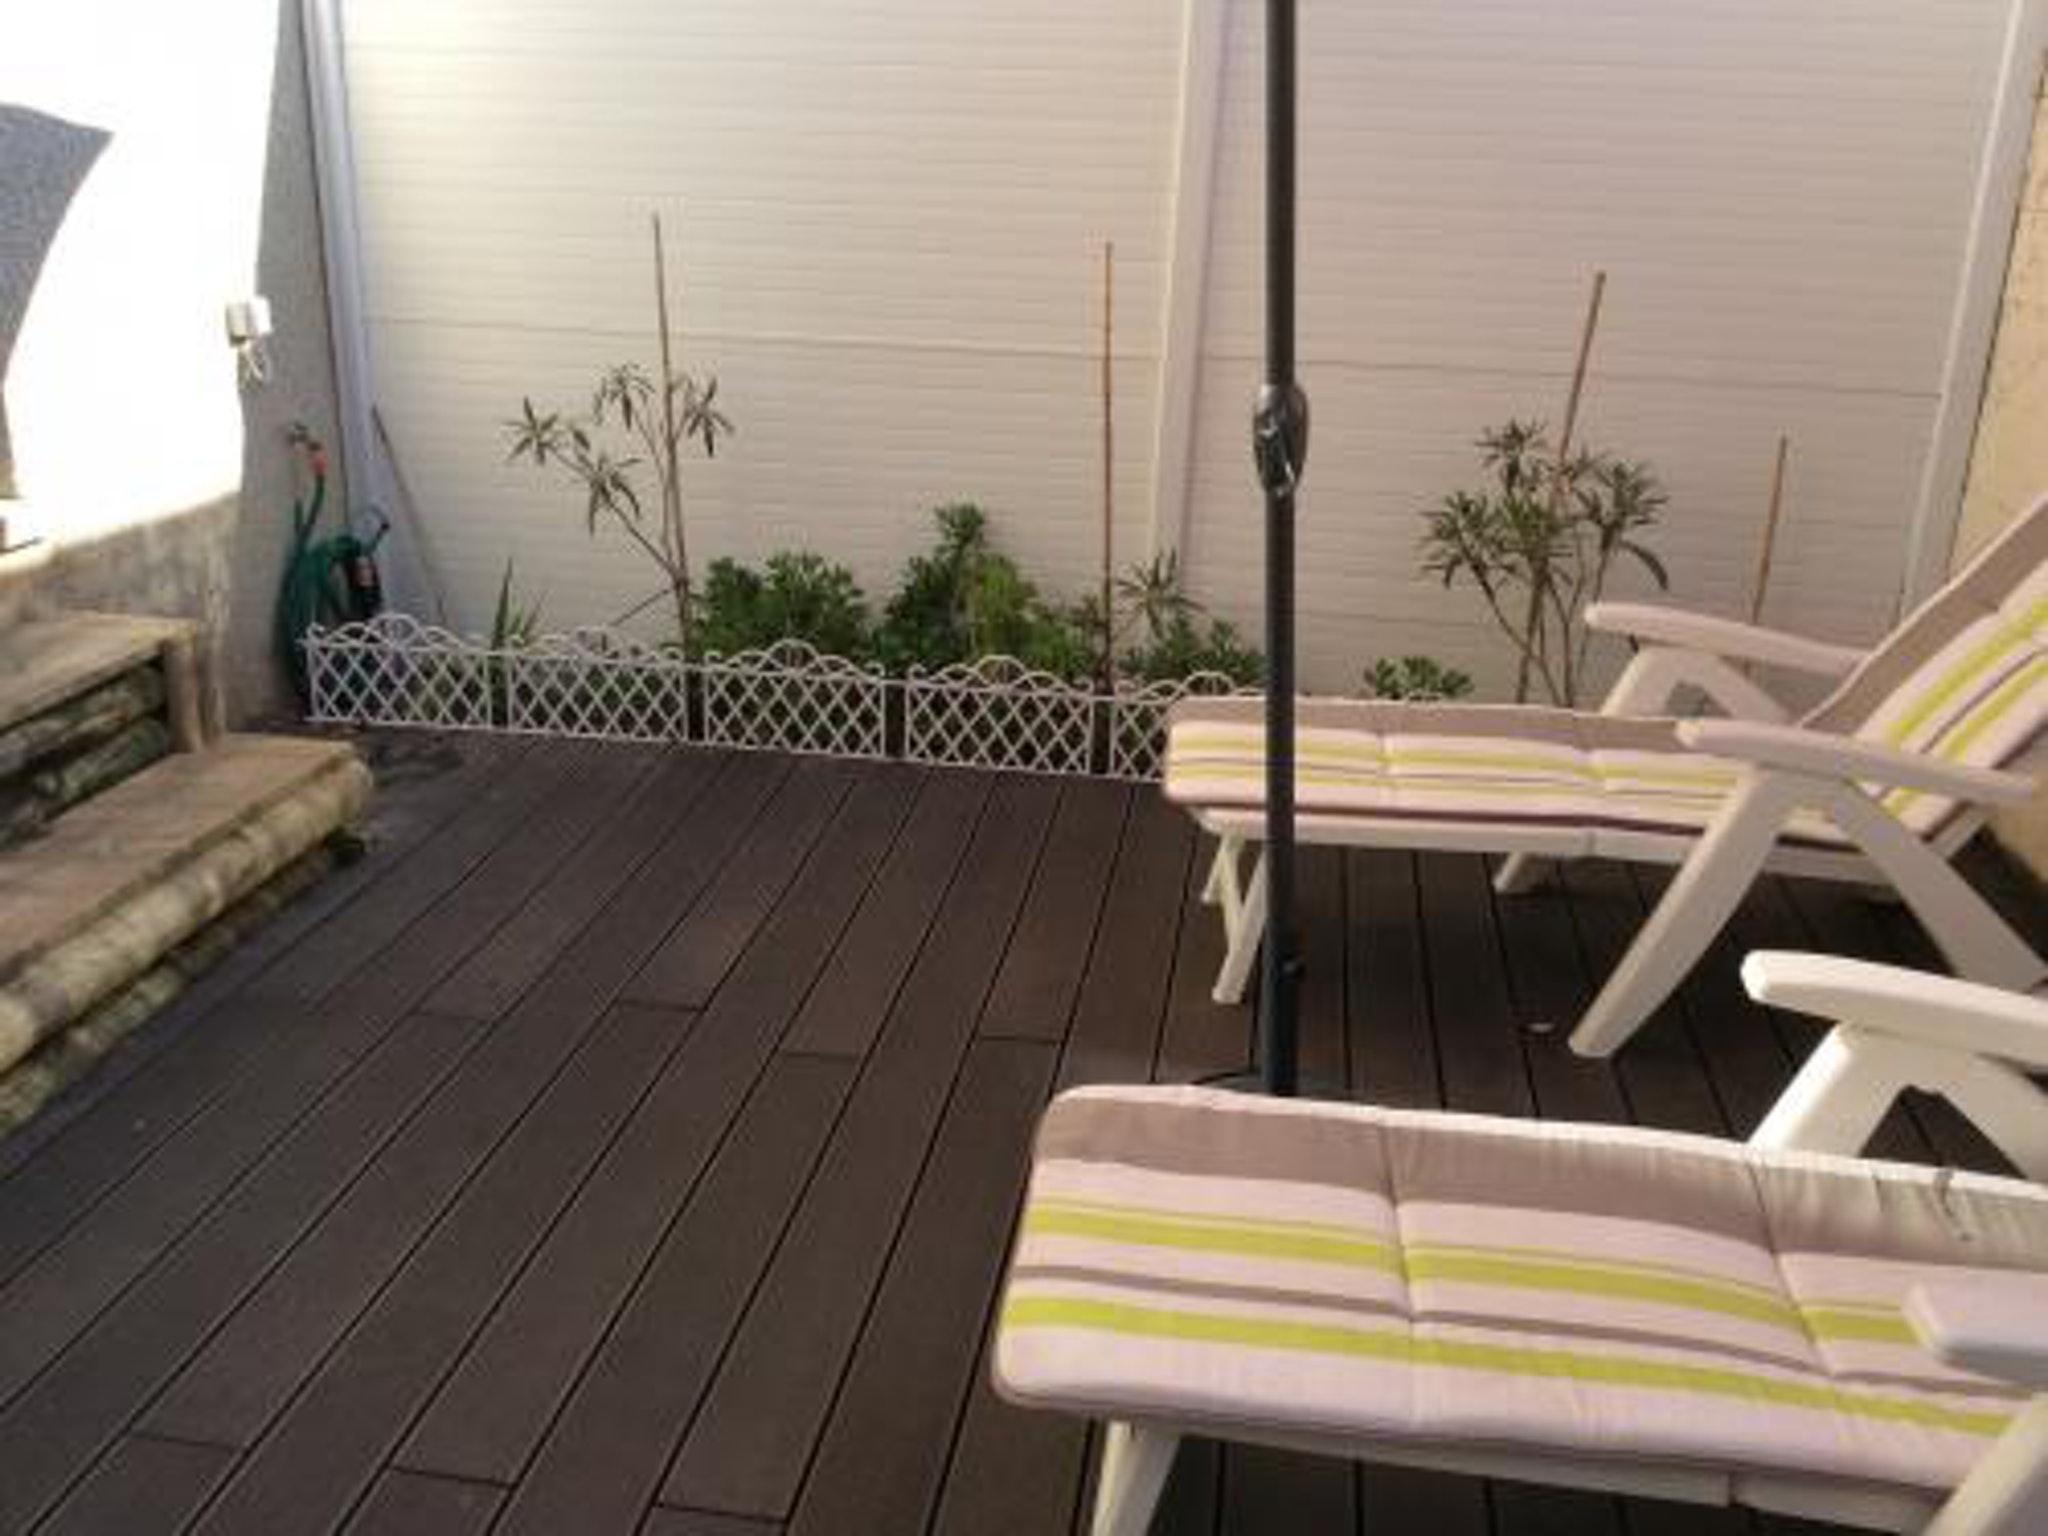 Ferienhaus Villa mit 2 Zimmern in Valras-Plage mit Pool und eingezäuntem Garten - 50 m vom Strand ent (2218190), Valras Plage, Mittelmeerküste Hérault, Languedoc-Roussillon, Frankreich, Bild 17